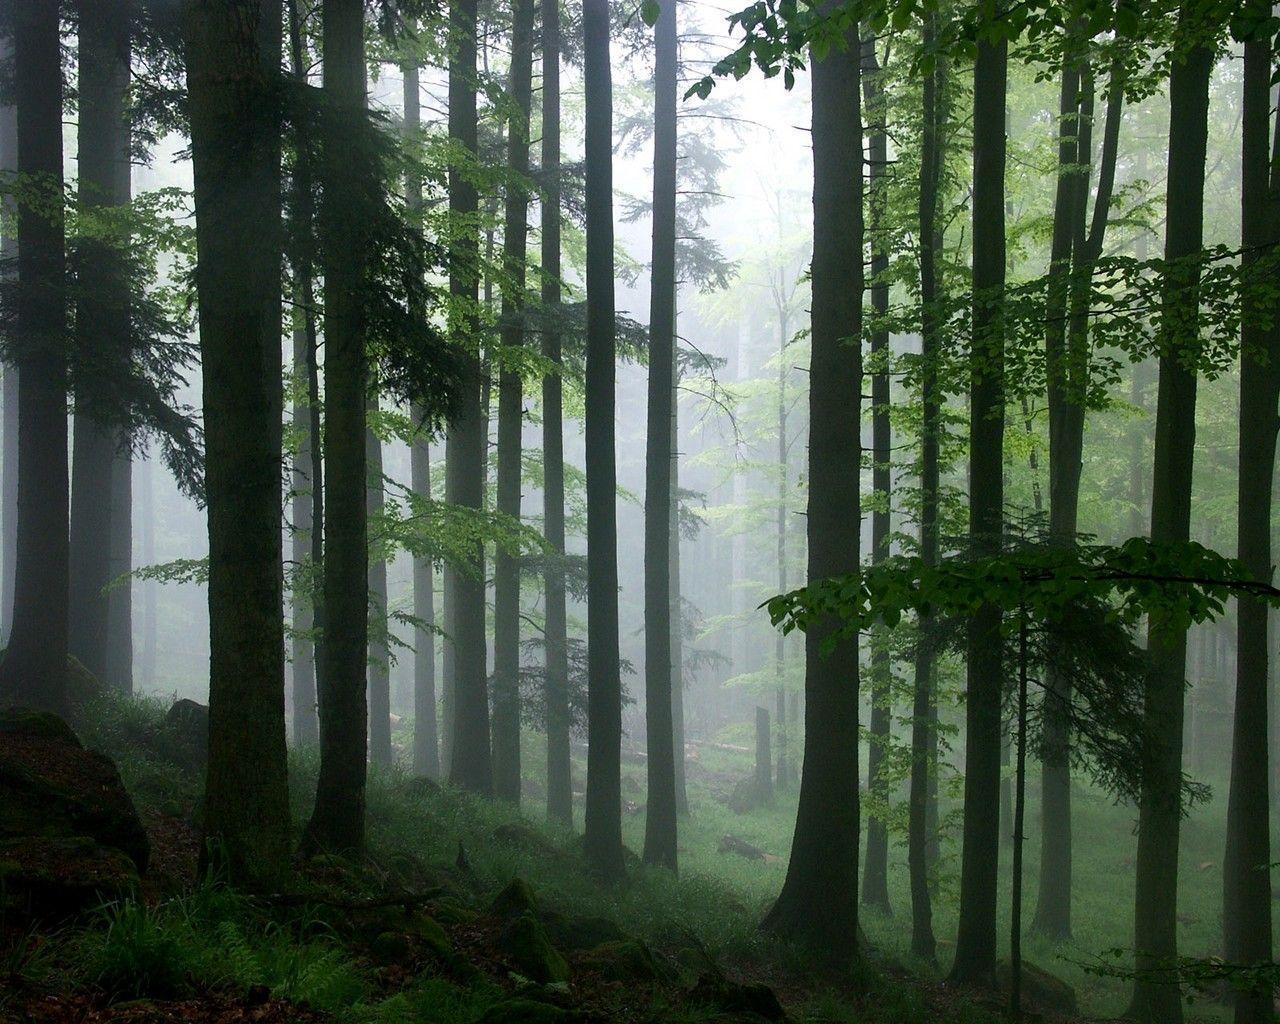 rainforest hd desktop wallpapers - photo #18